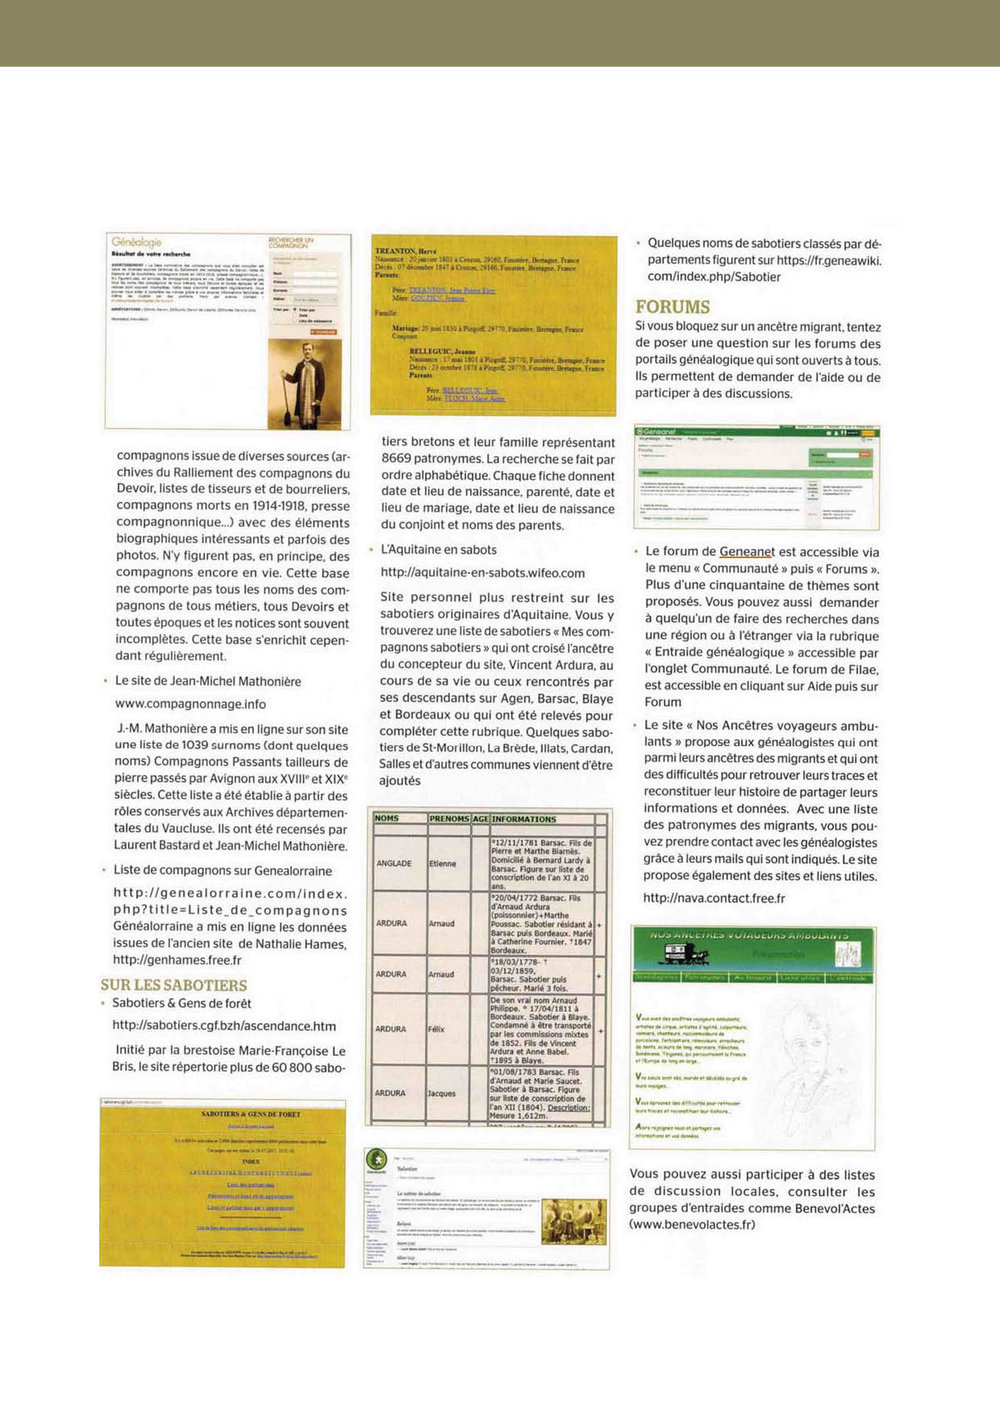 BOOKMEDIA_FEV_WEB18.jpg